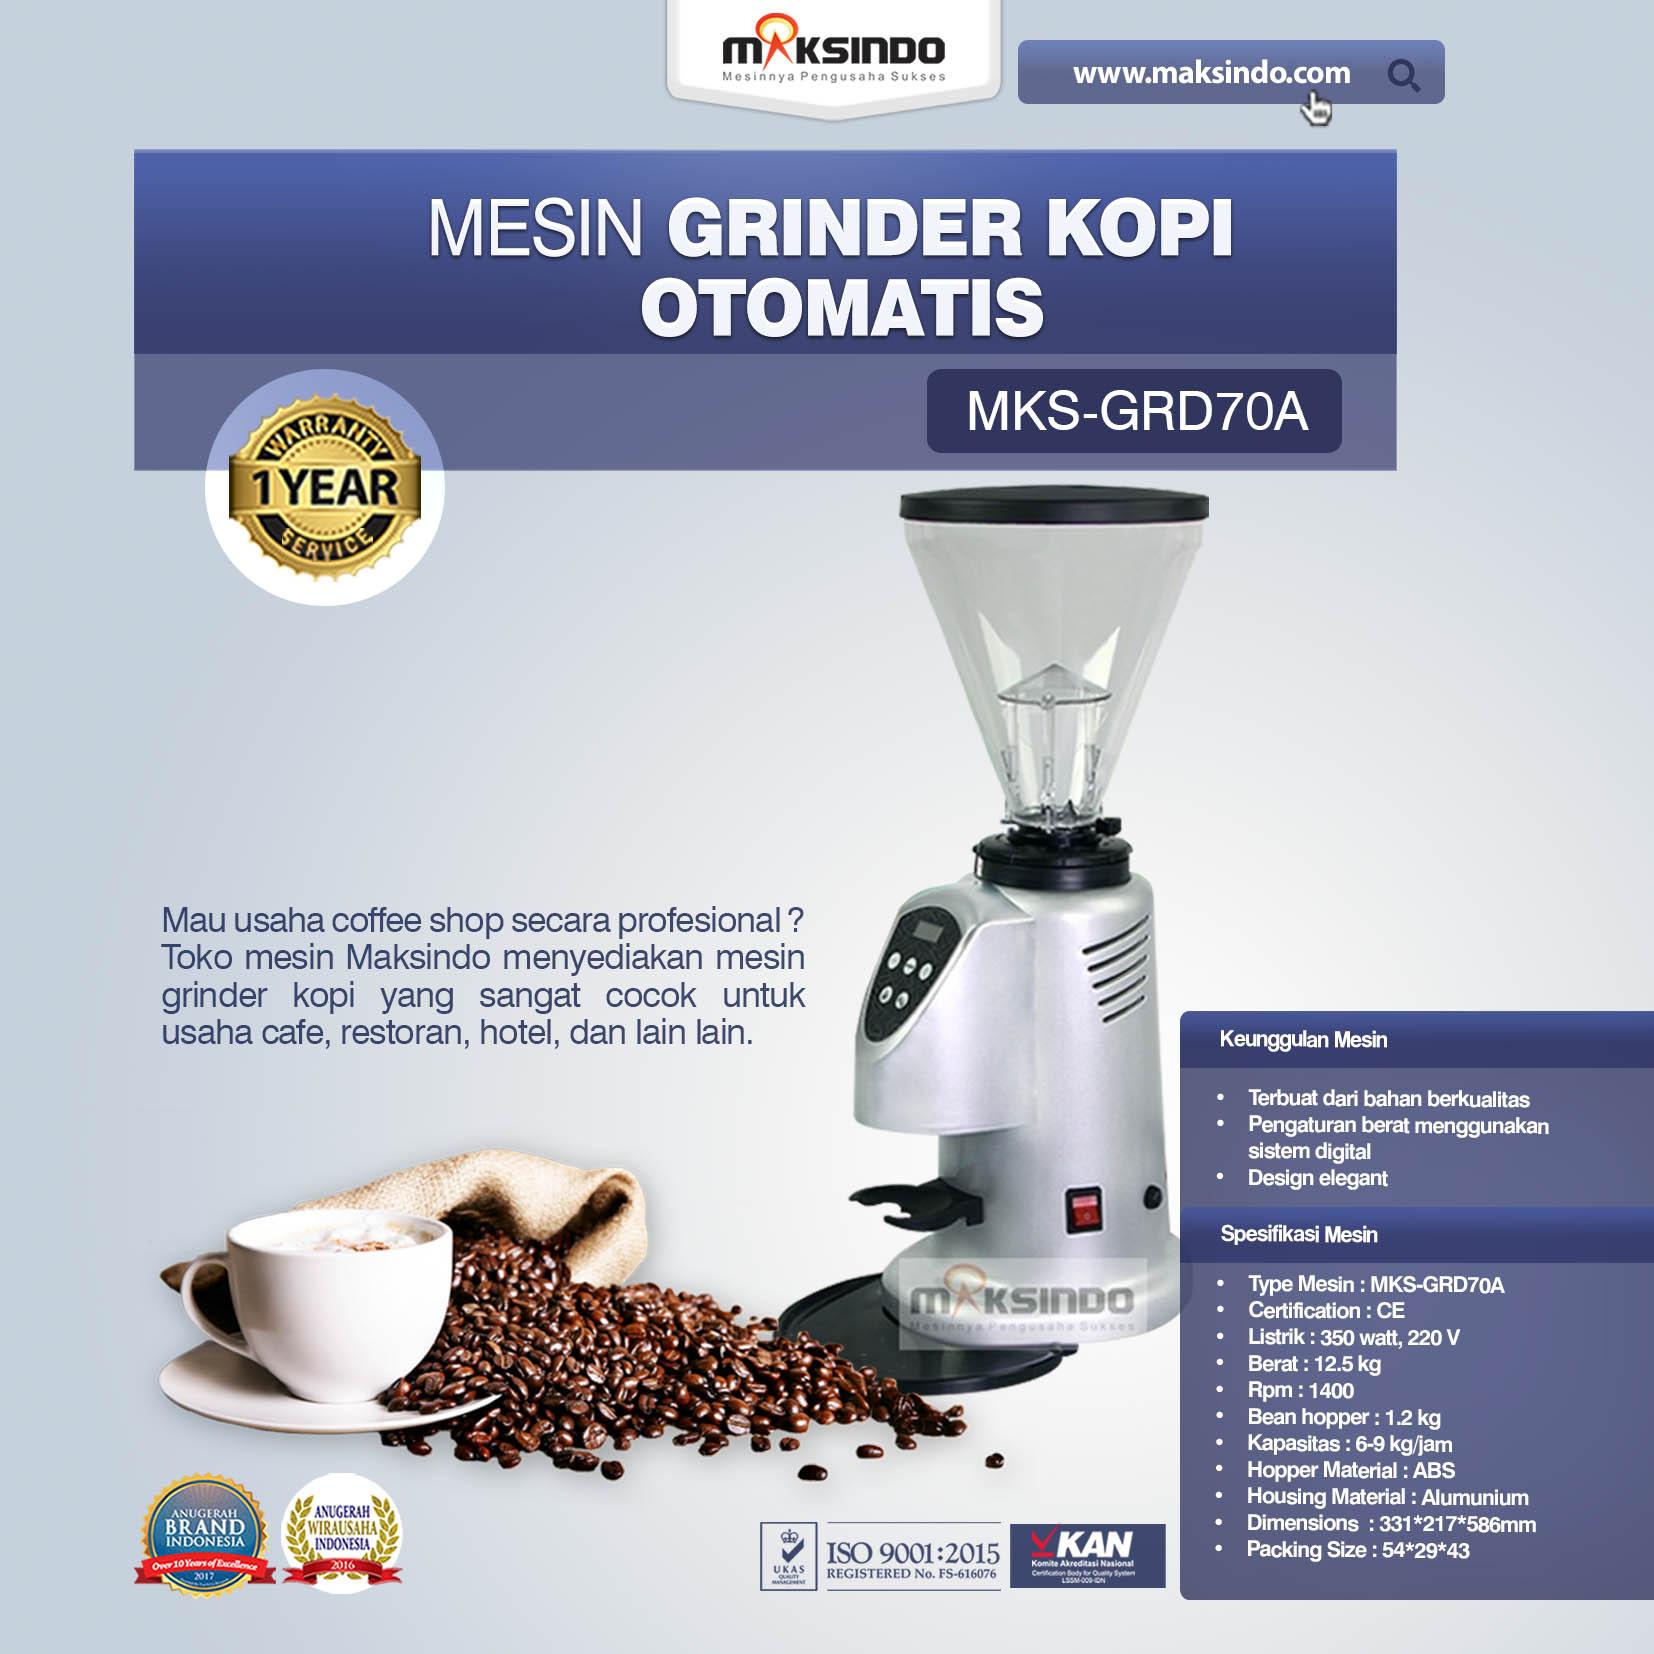 Jual Mesin Grinder Kopi Otomatis – MKS-GRD70A di Yogyakarta